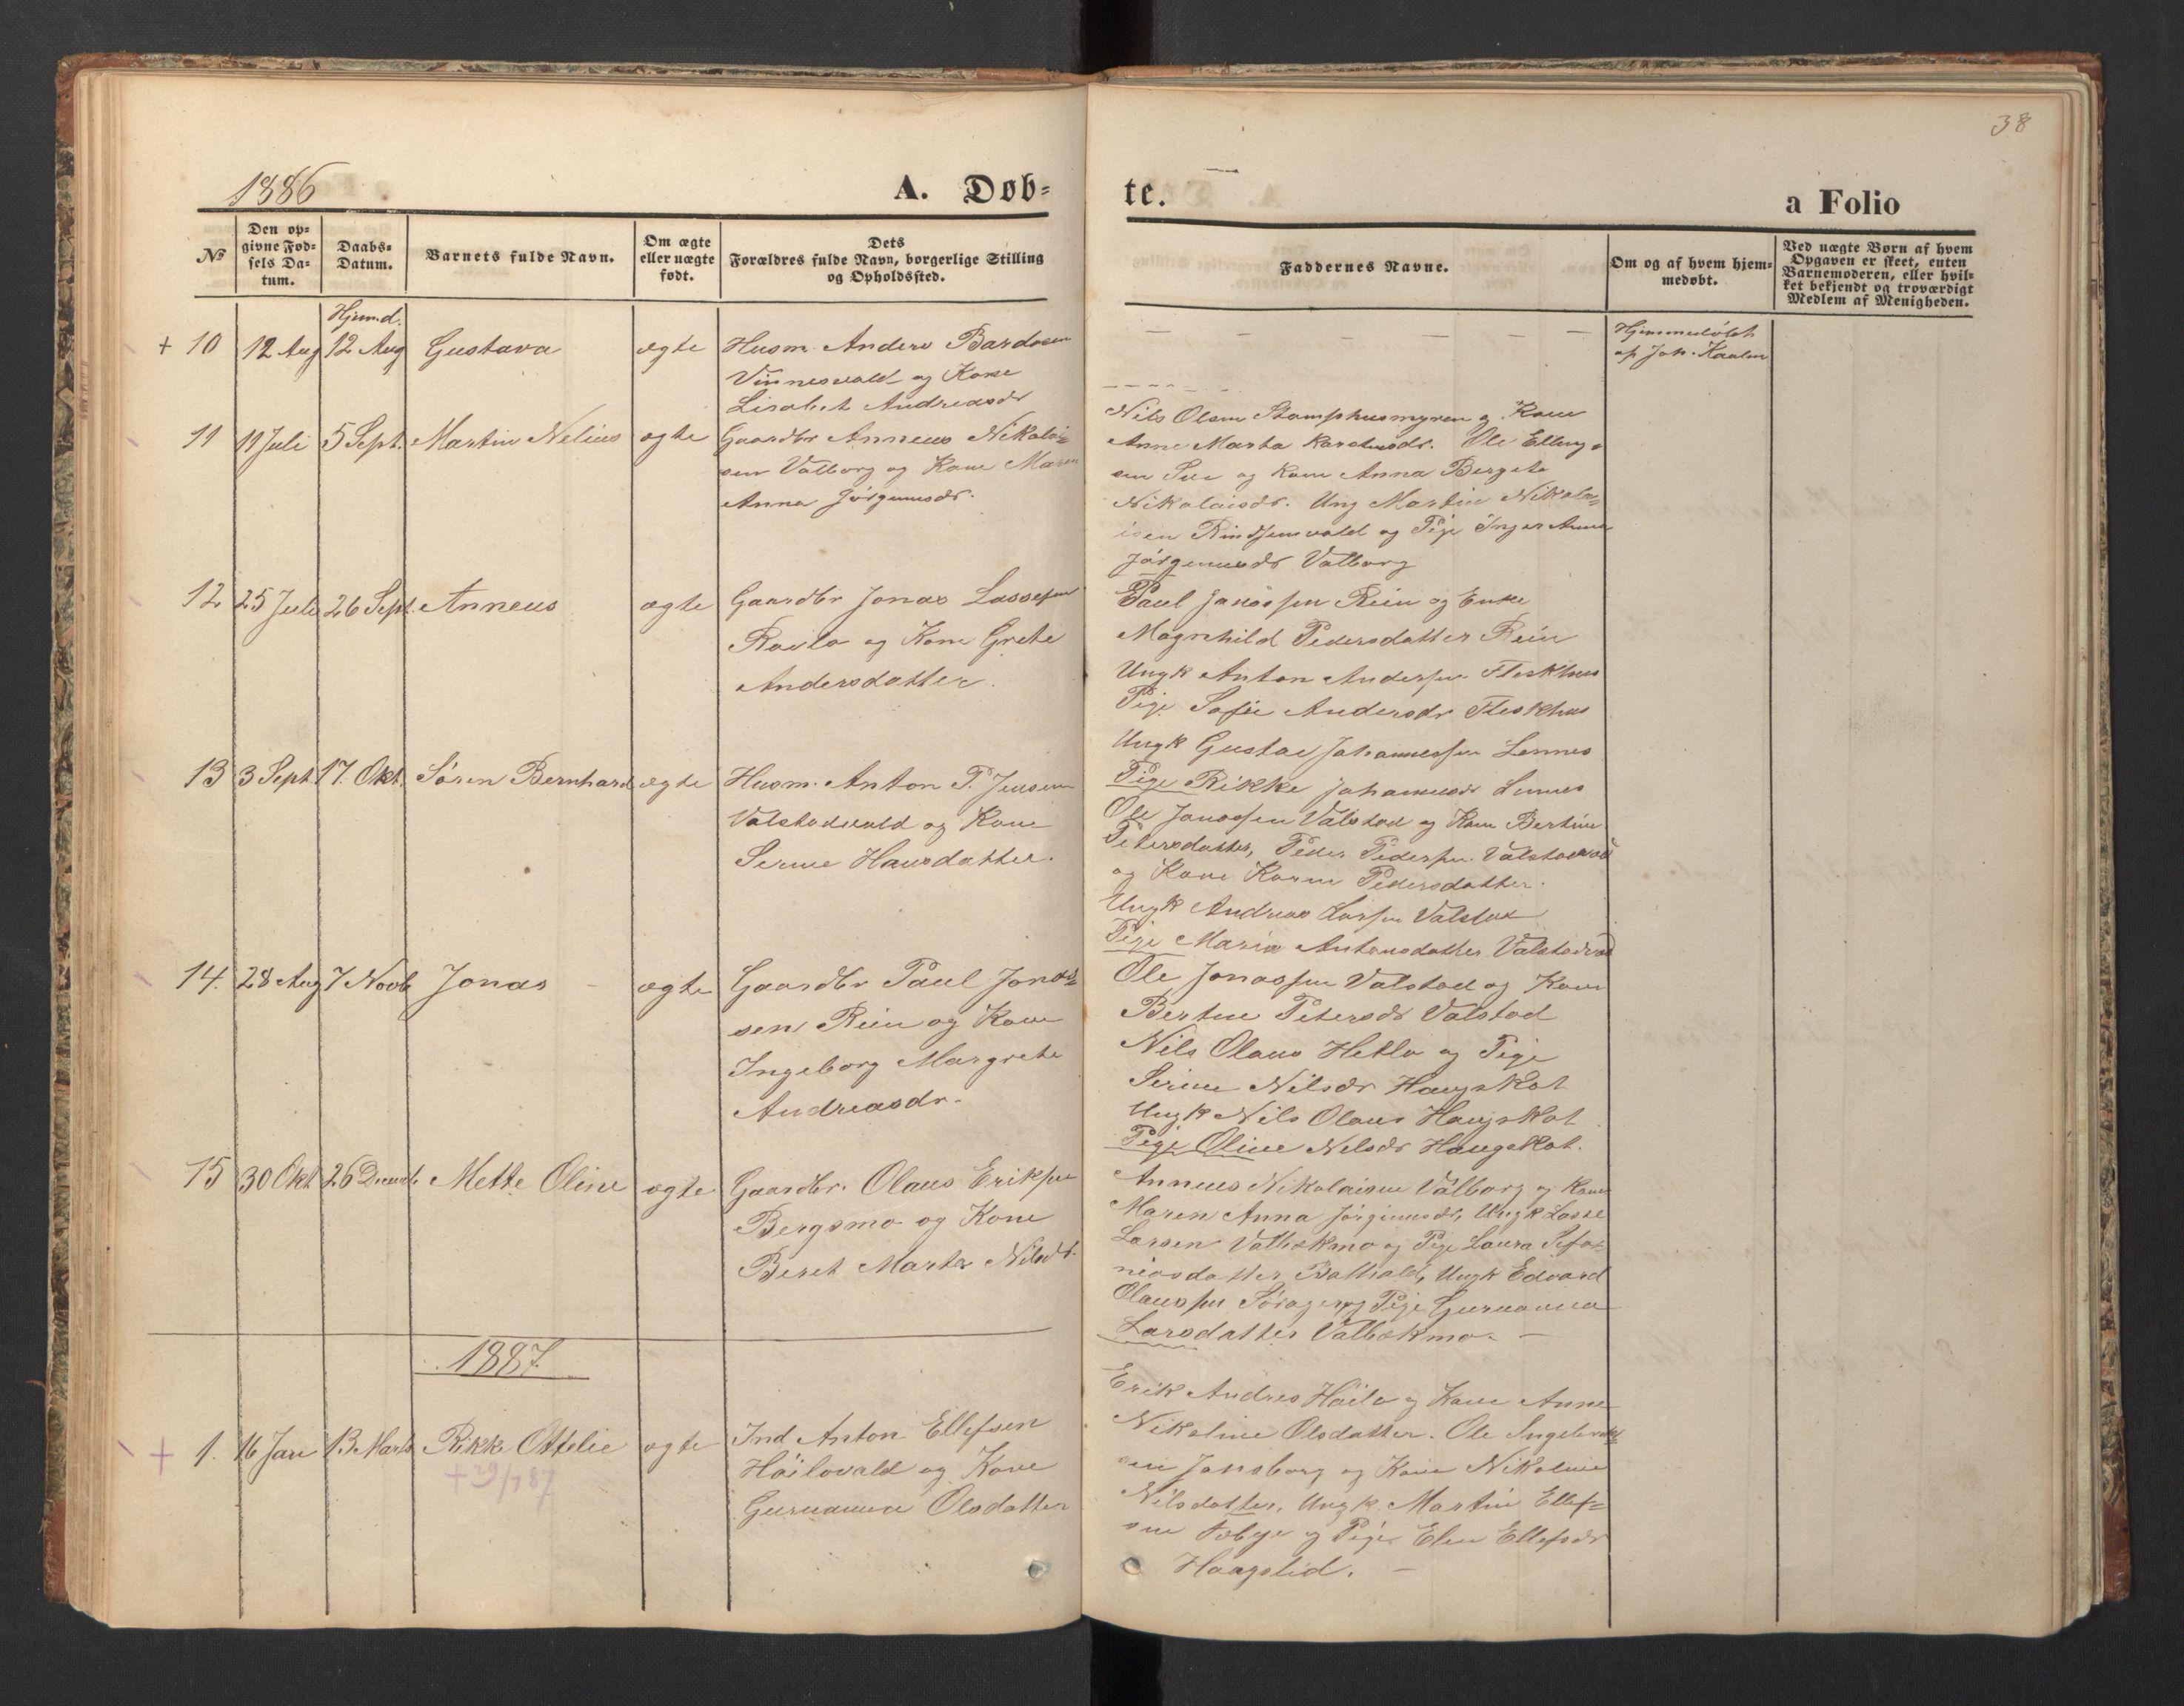 SAT, Ministerialprotokoller, klokkerbøker og fødselsregistre - Nord-Trøndelag, 726/L0271: Klokkerbok nr. 726C02, 1869-1897, s. 38